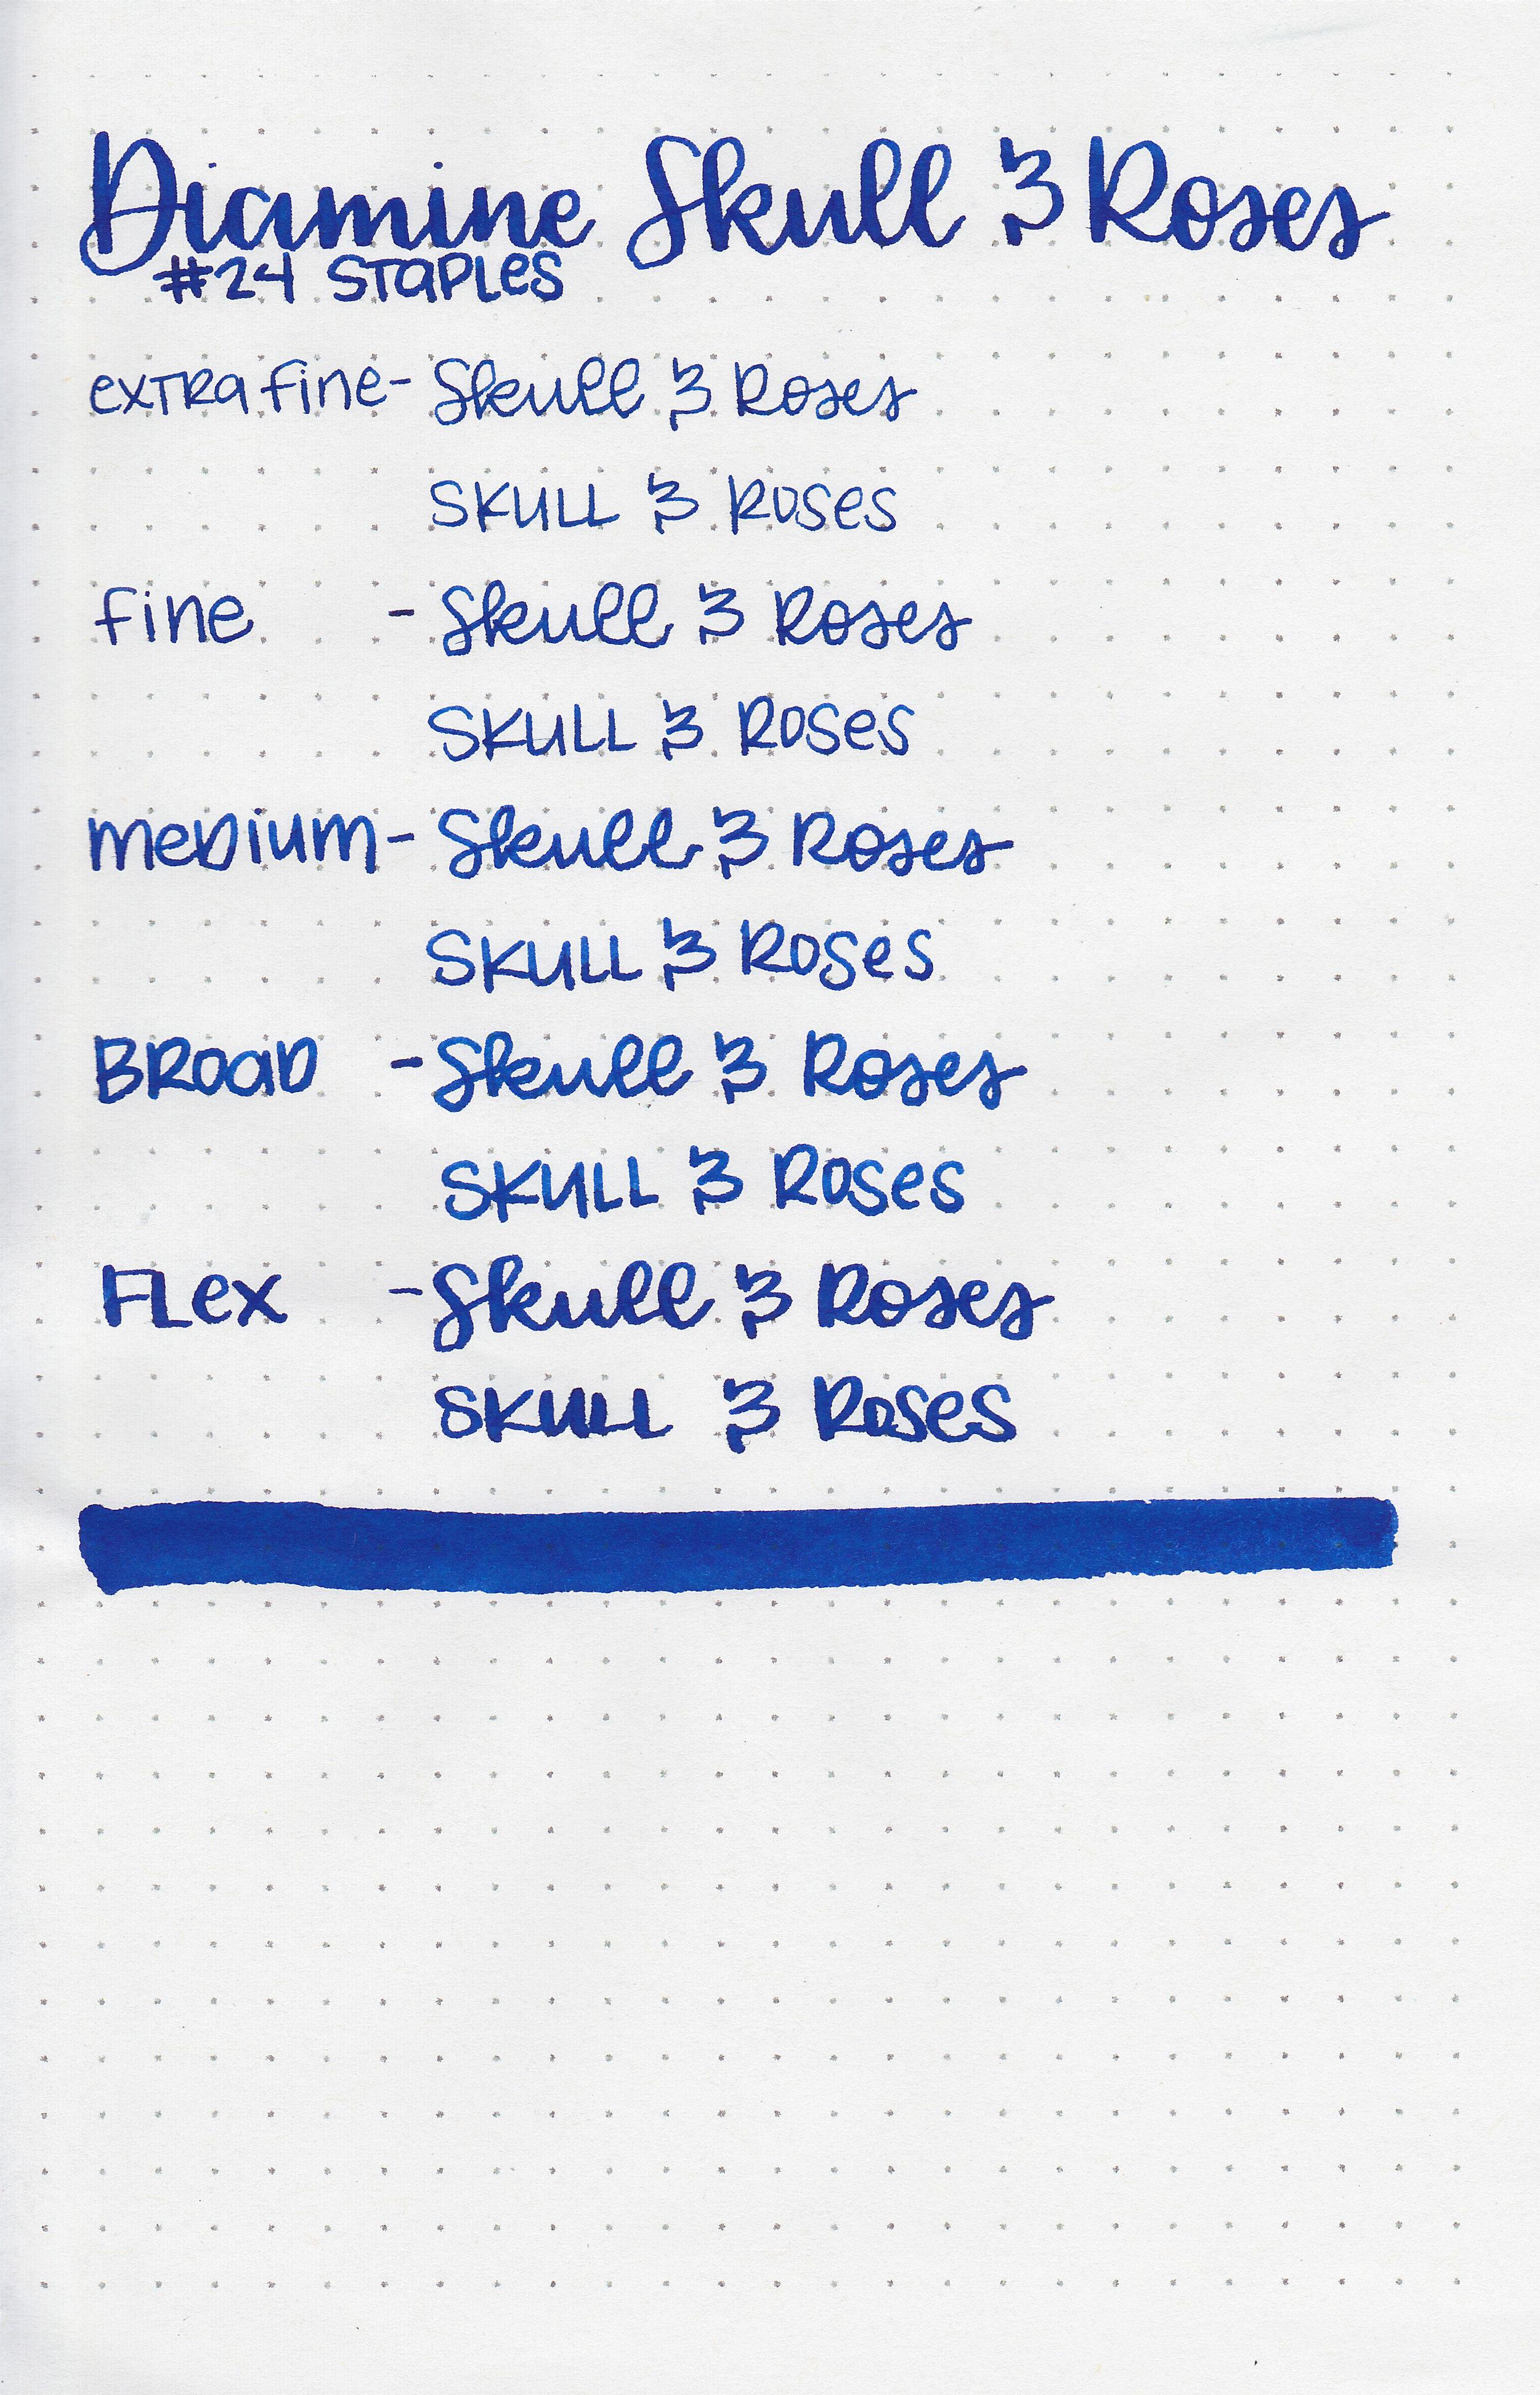 d-skull-and-roses-9.jpg